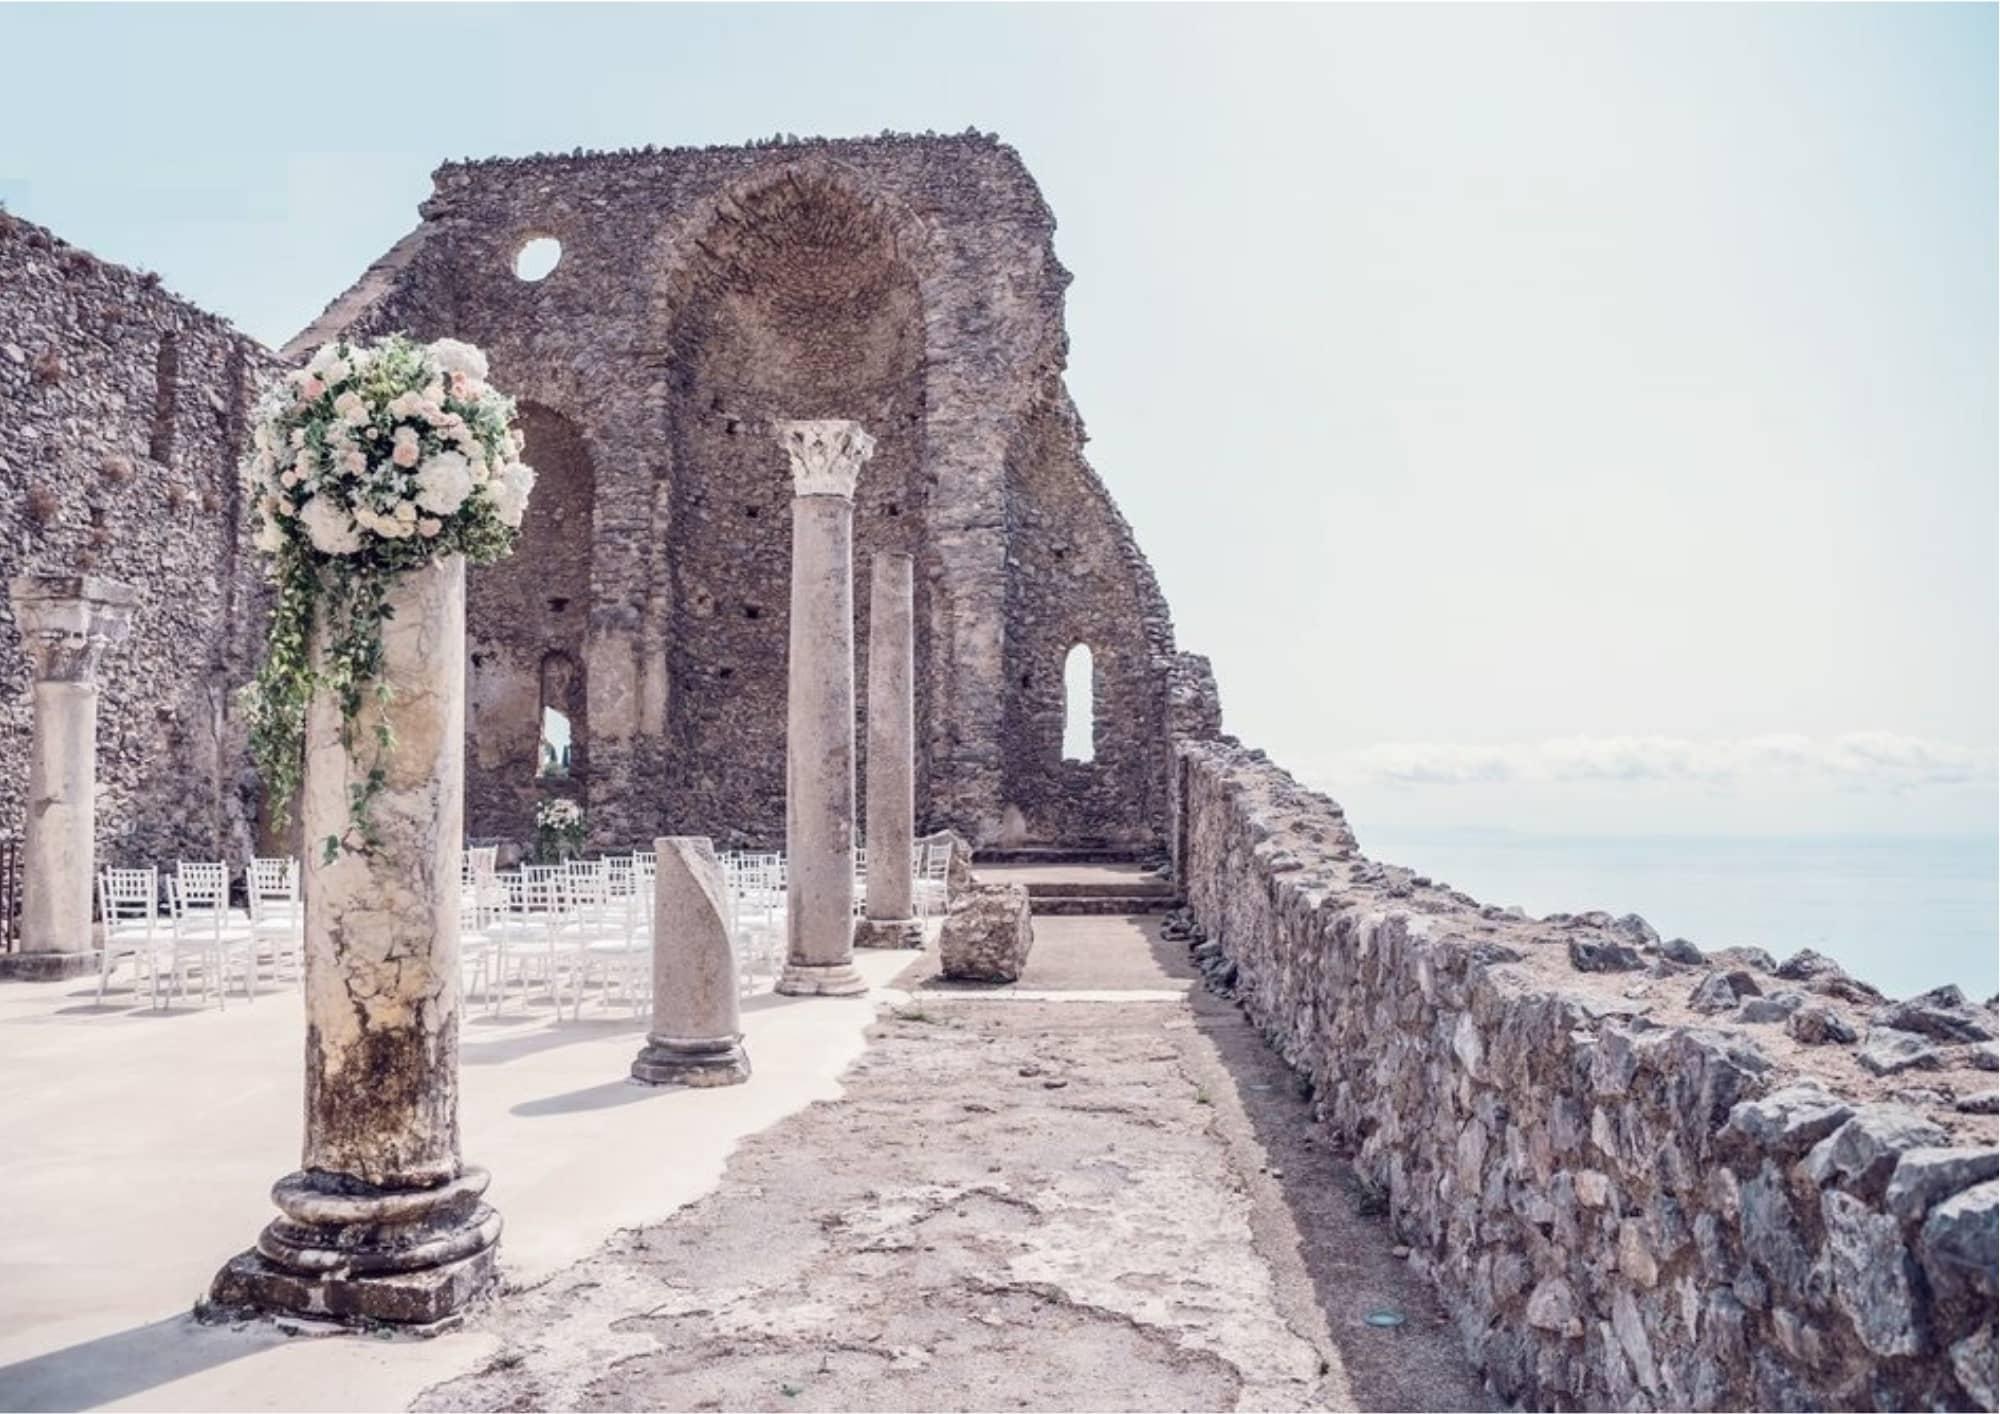 Vilma Wedding & Event Planner_ vestuvės Italijoje _ Vilma Rapšaitė _ santuoka Italijoje _ Sant Eustachio _ Amalfio pakrantė _ išskirtinė vieta santuokai